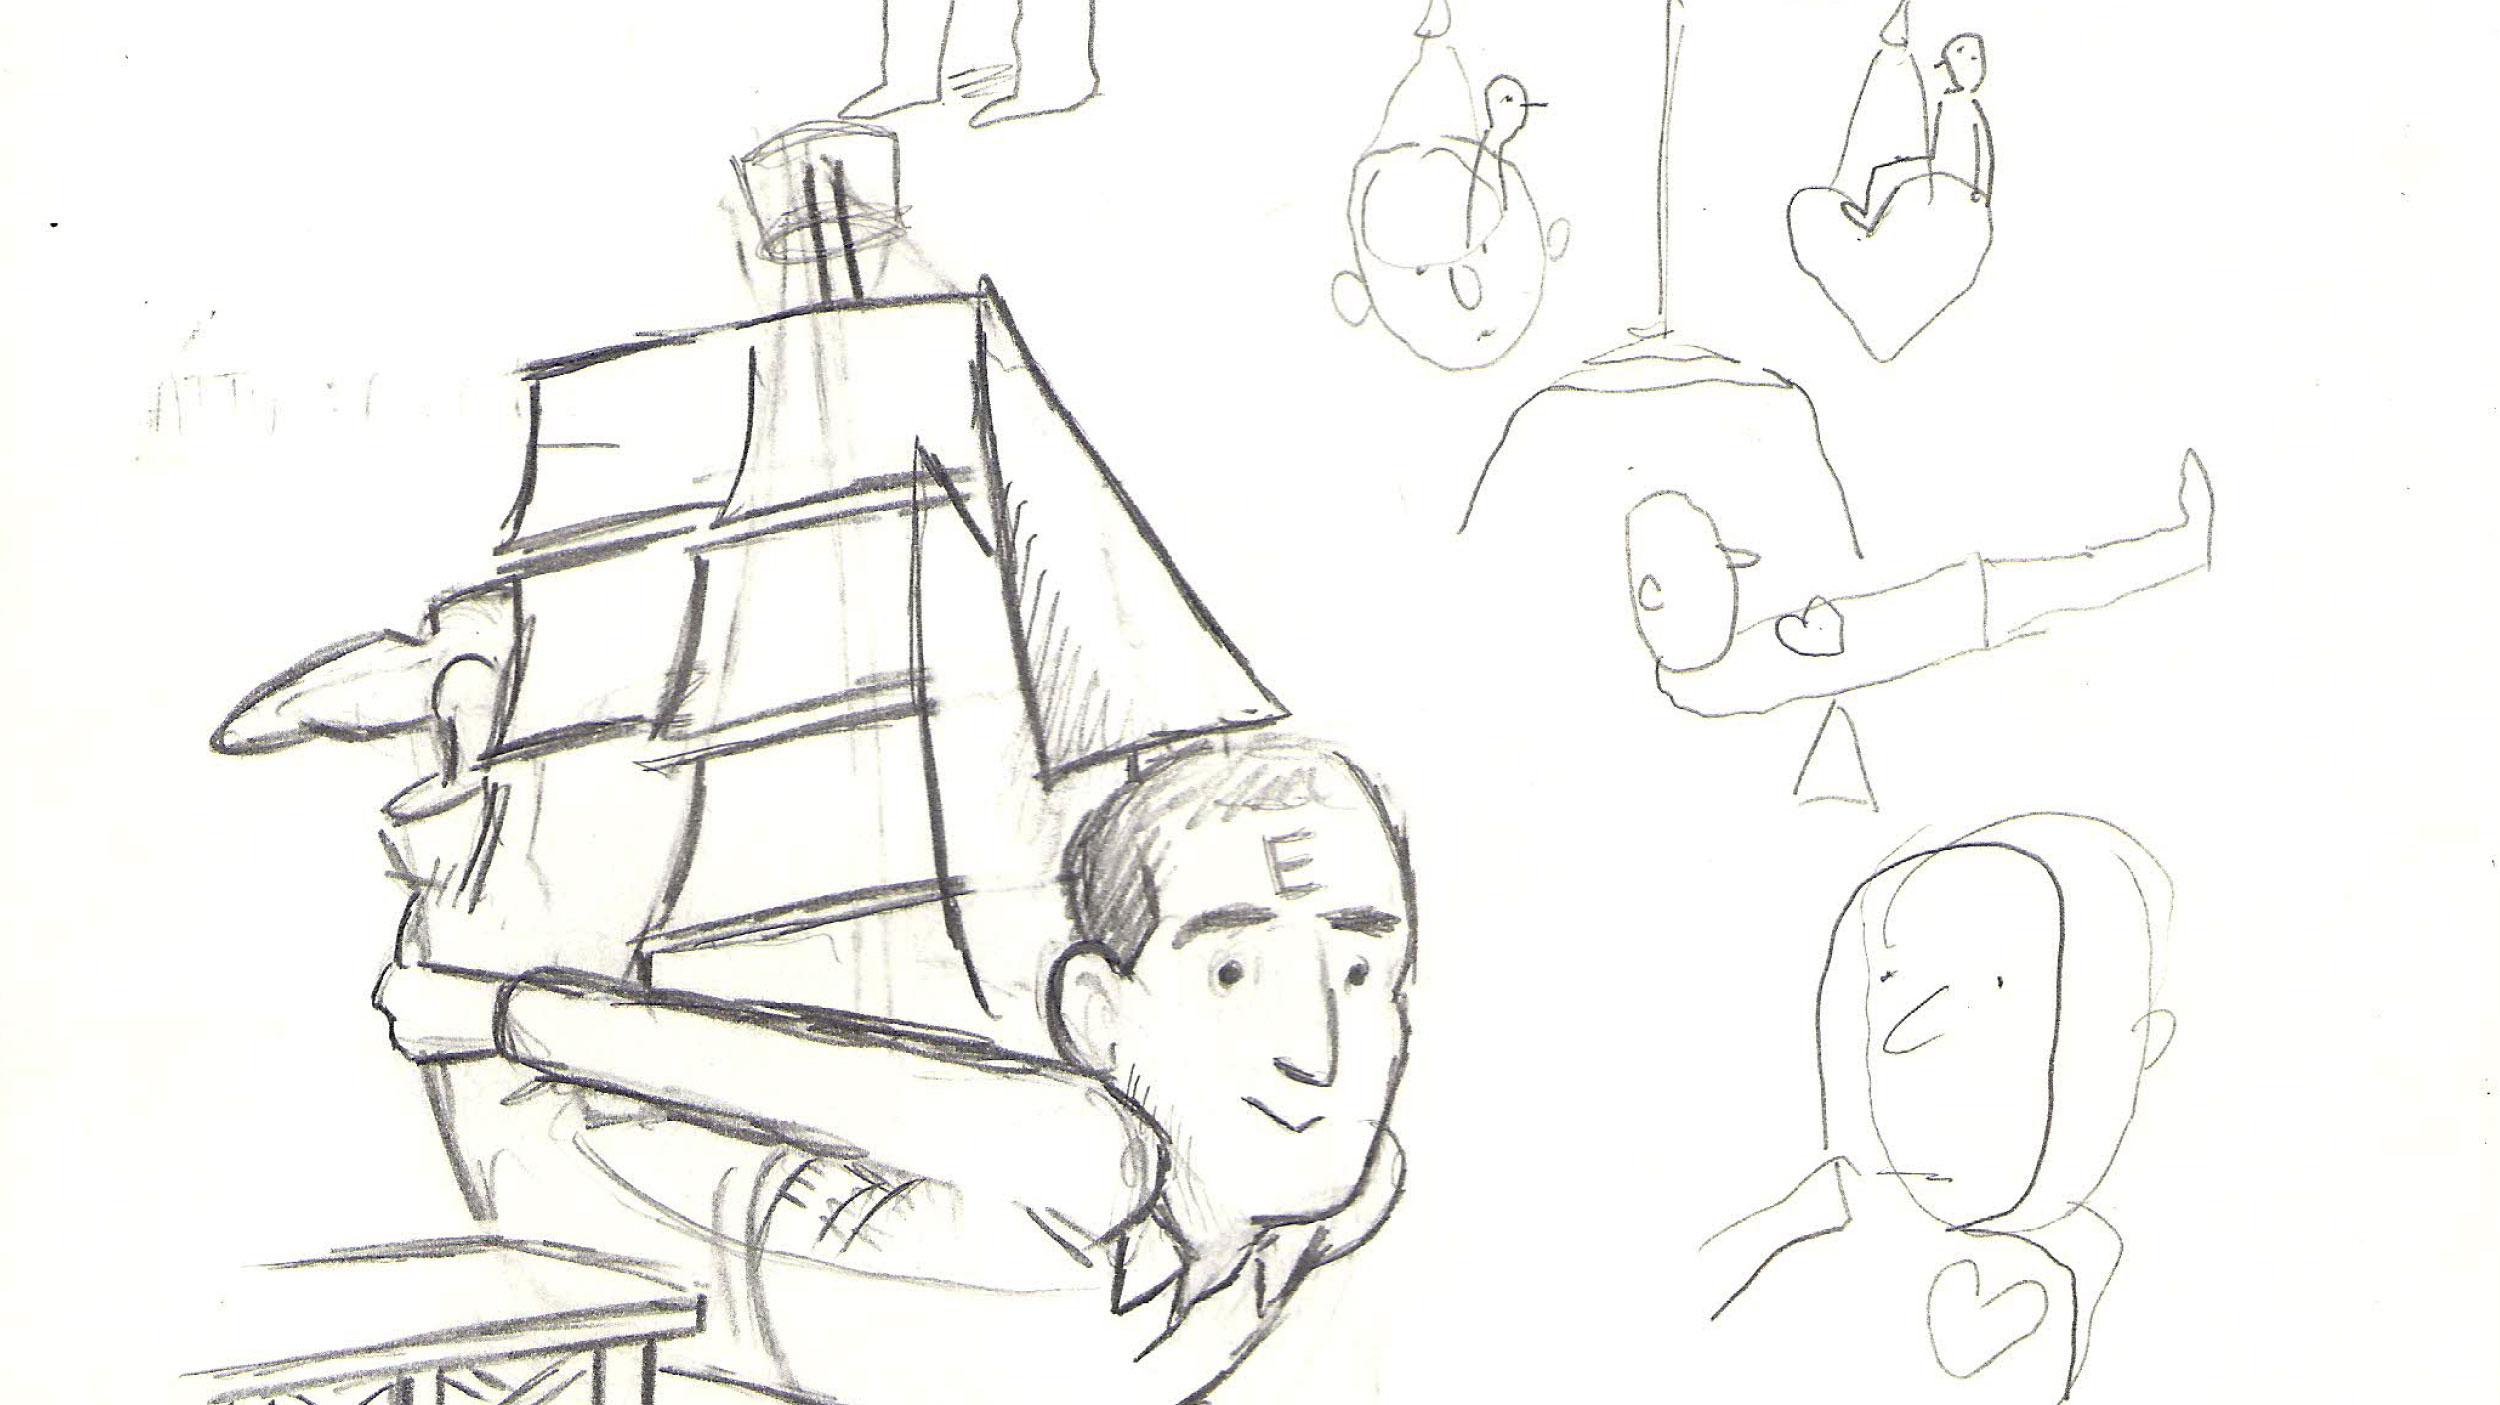 Explainer Video, Explainer Film, Whiteboard Animation, Cognitive, Award Winning,RSA, RSA Animates, RSAMinimates,Royal Society of Arts